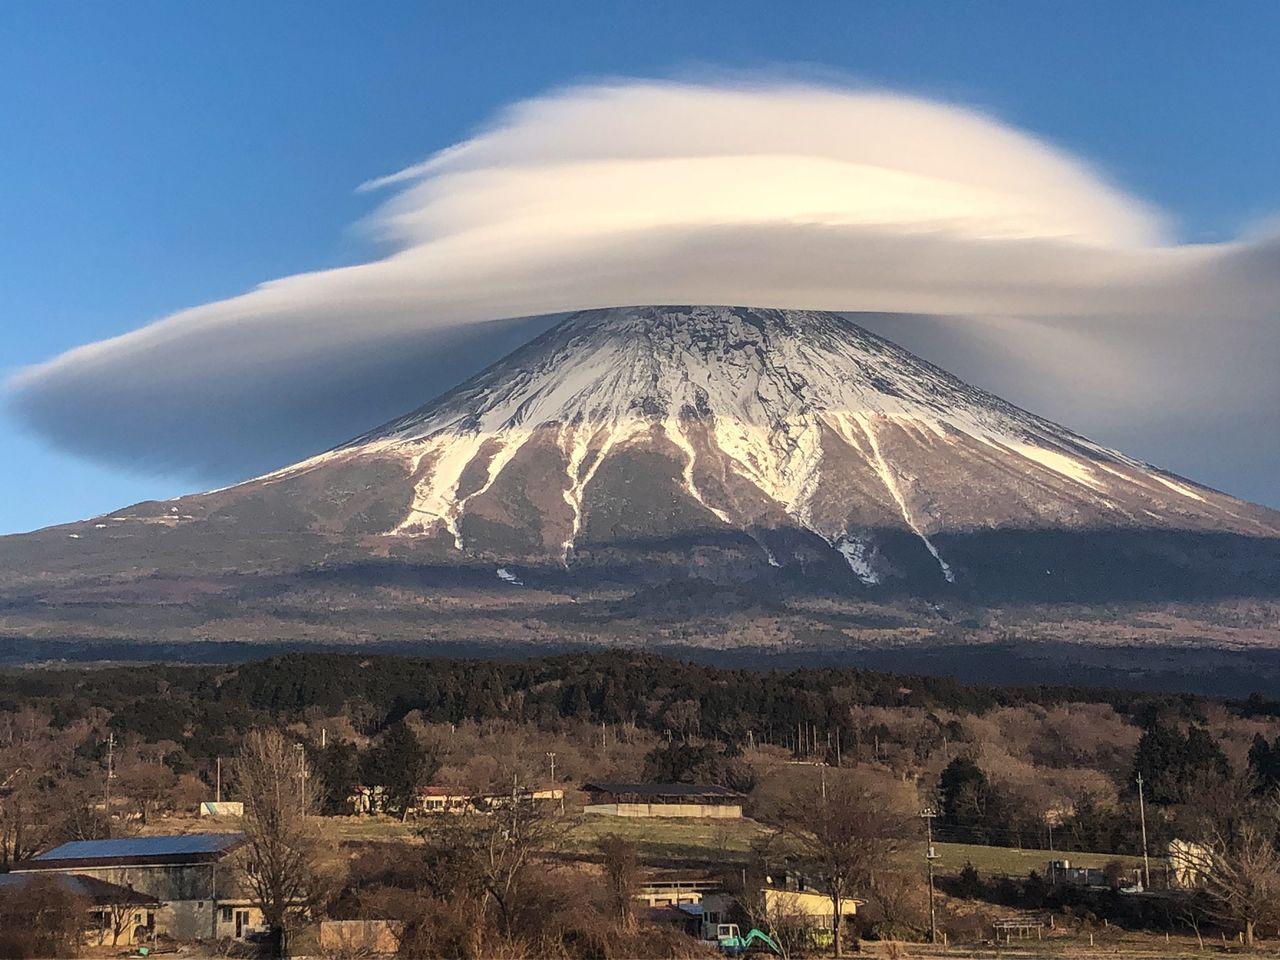 Снимок, который массово распространился в соцсетях. Он сделан под удачным углом и позволяет увидеть нижнюю сторону гигантского облака в форме линзы